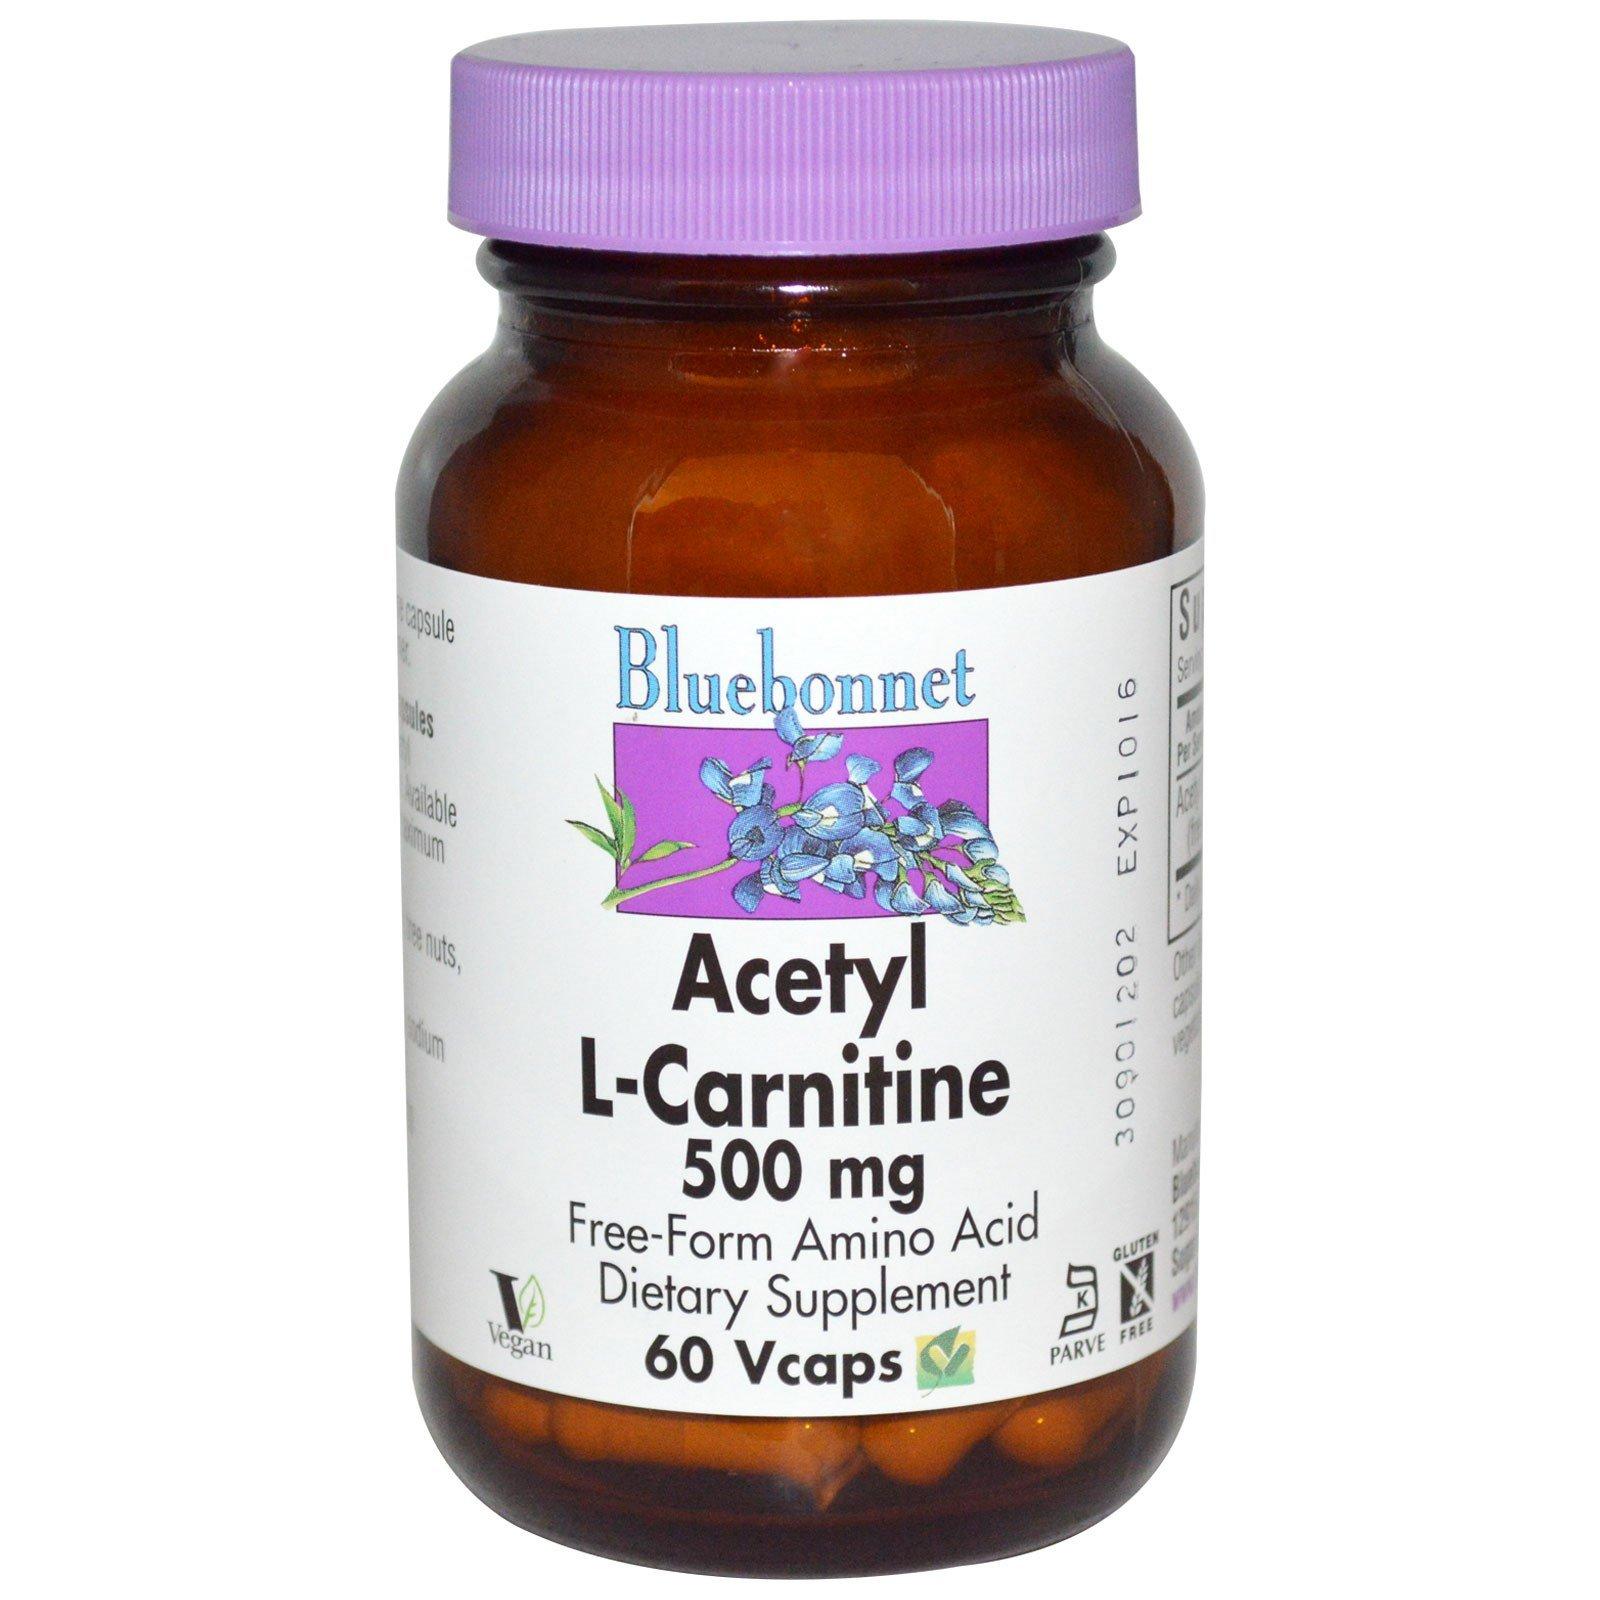 Bluebonnet Nutrition, Acetyl L-Carnitine, 500 mg, 60 Vcaps - 3PC